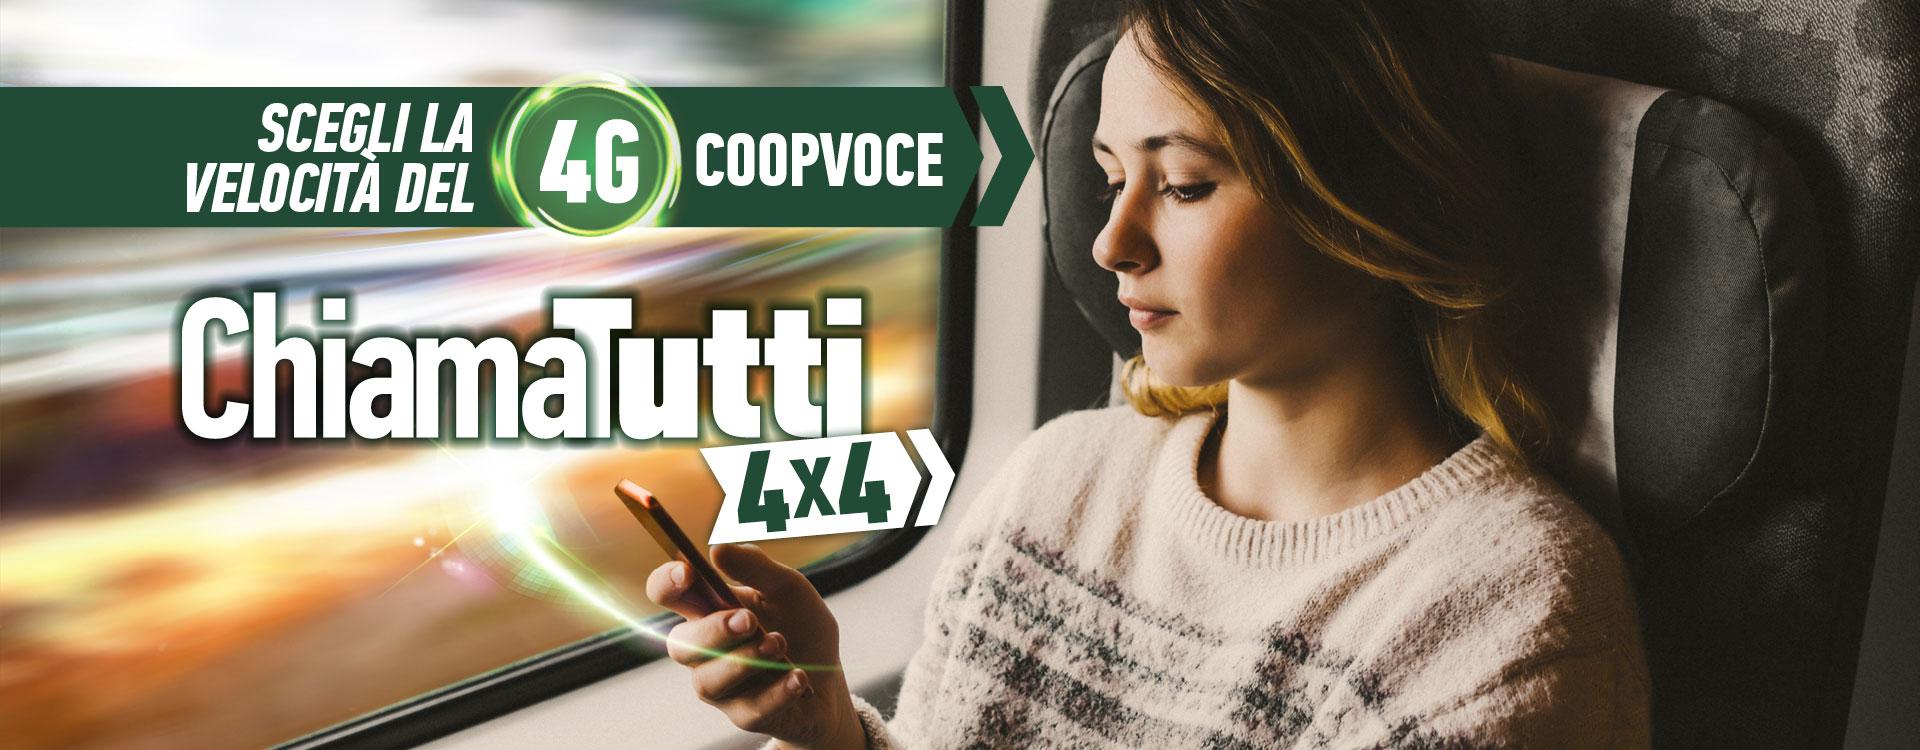 Arriva il 4G anche per i clienti CoopVoce, ecco l'offerta dedicata con internet ad alta velocità